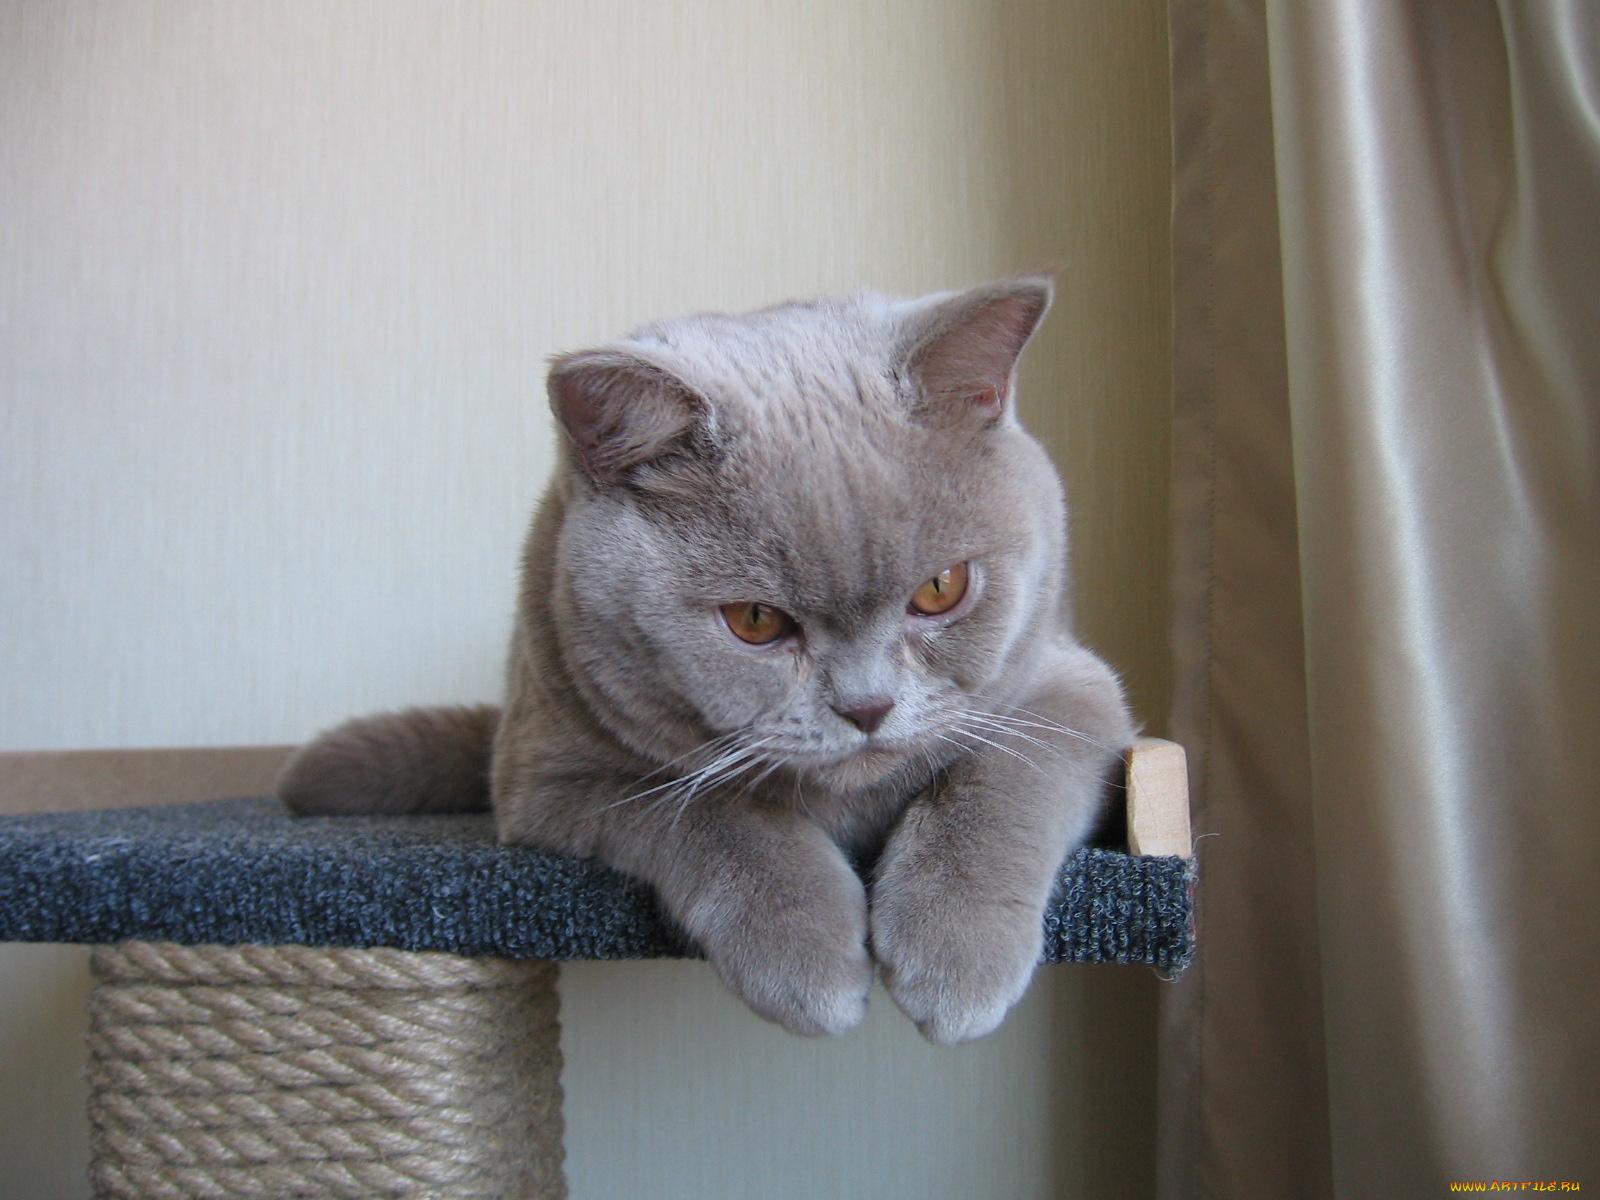 Приколы картинка кот британец, открытки подружкам прикольные